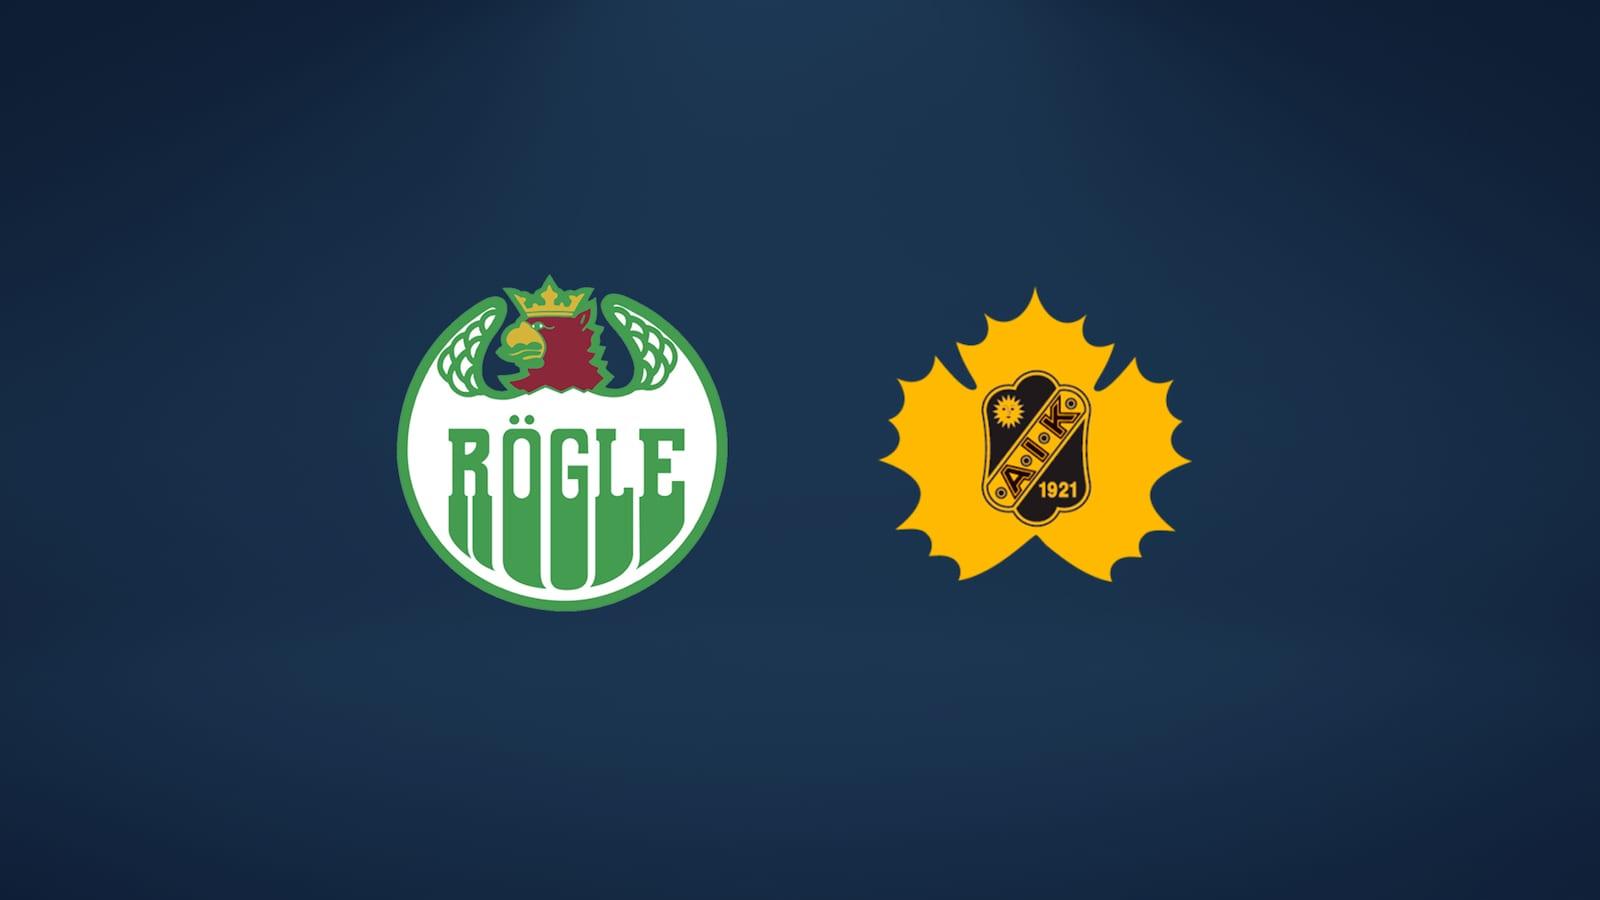 Rögle - Skellefteå